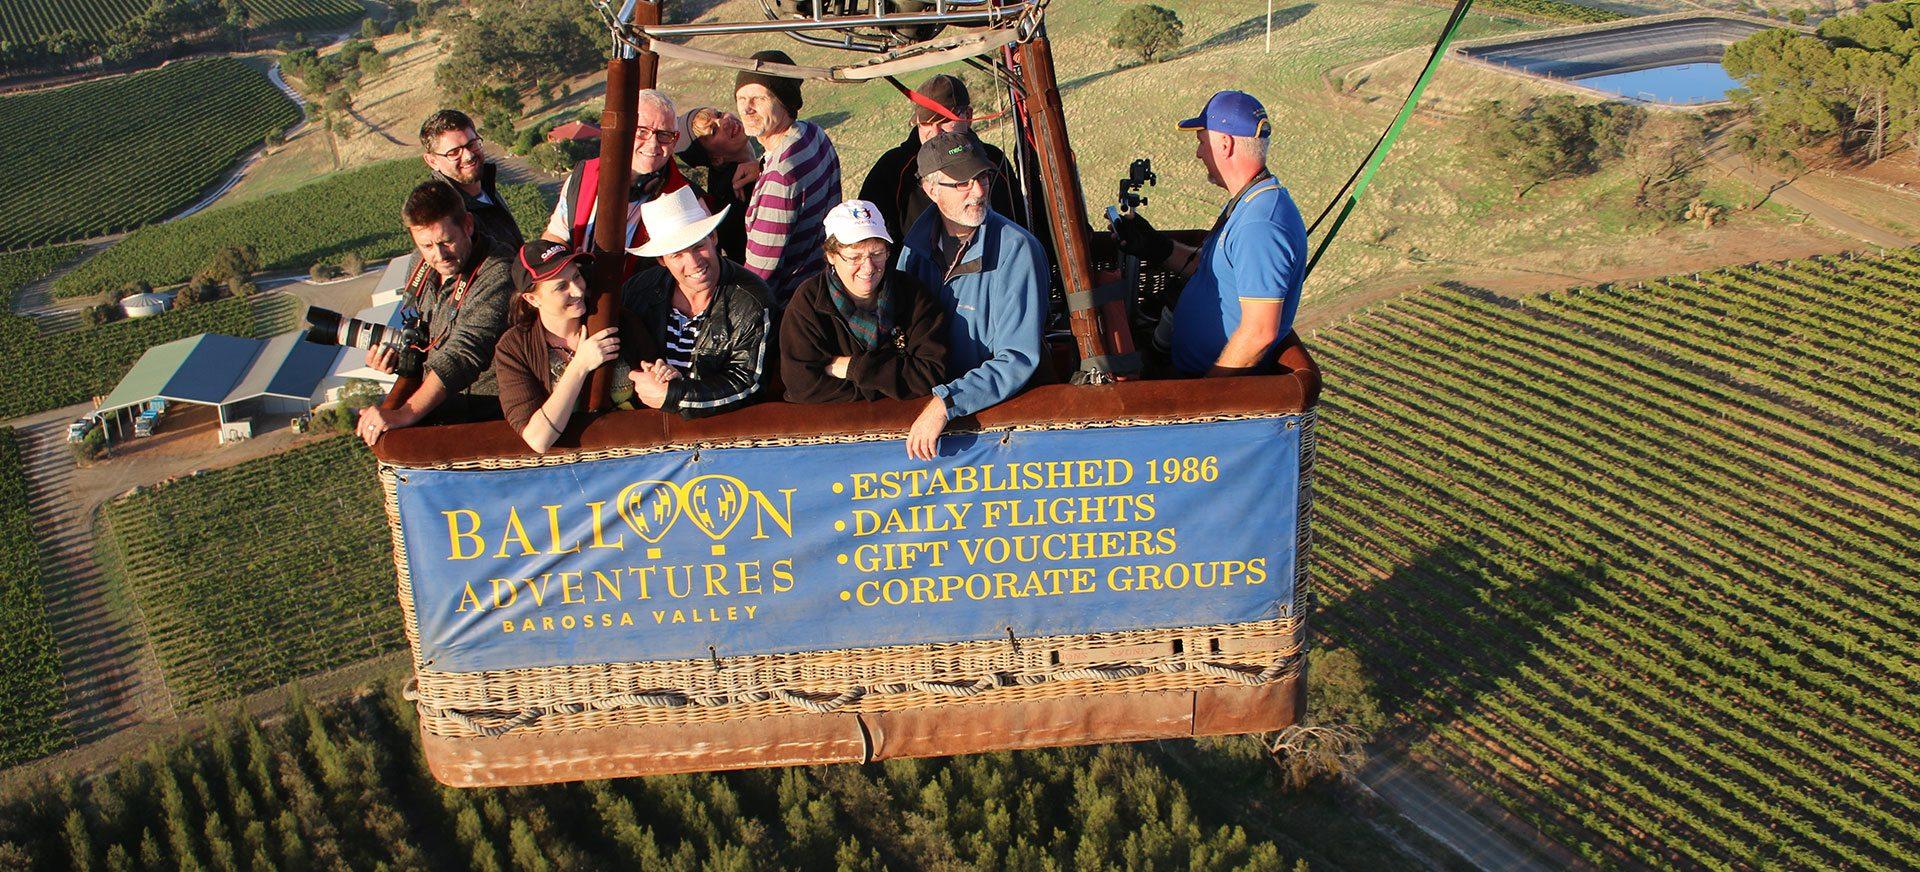 balloon-adventures-barossa-valley-hot-air-balloon-flights-2